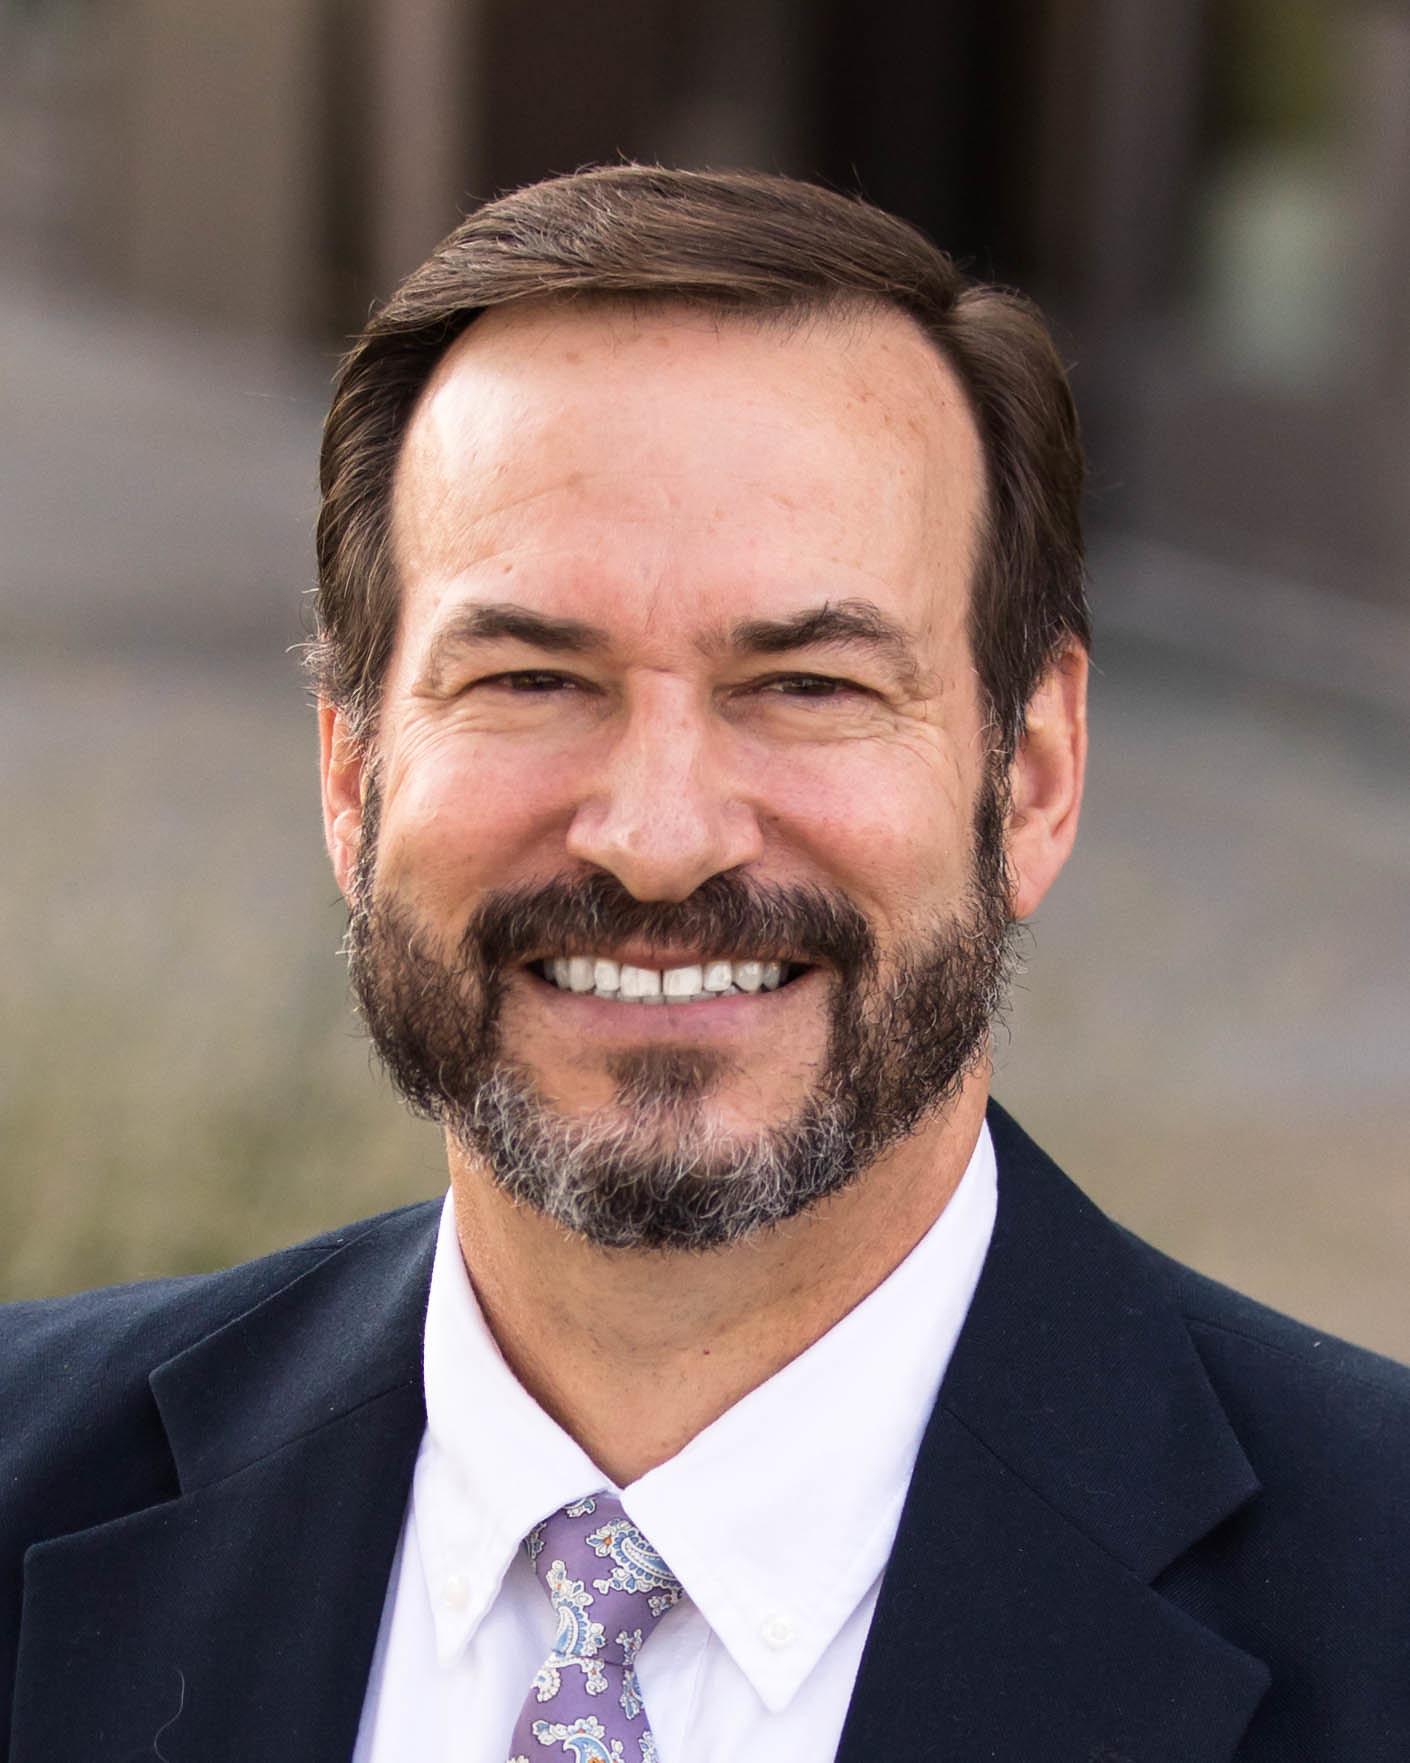 Jim Nickolas